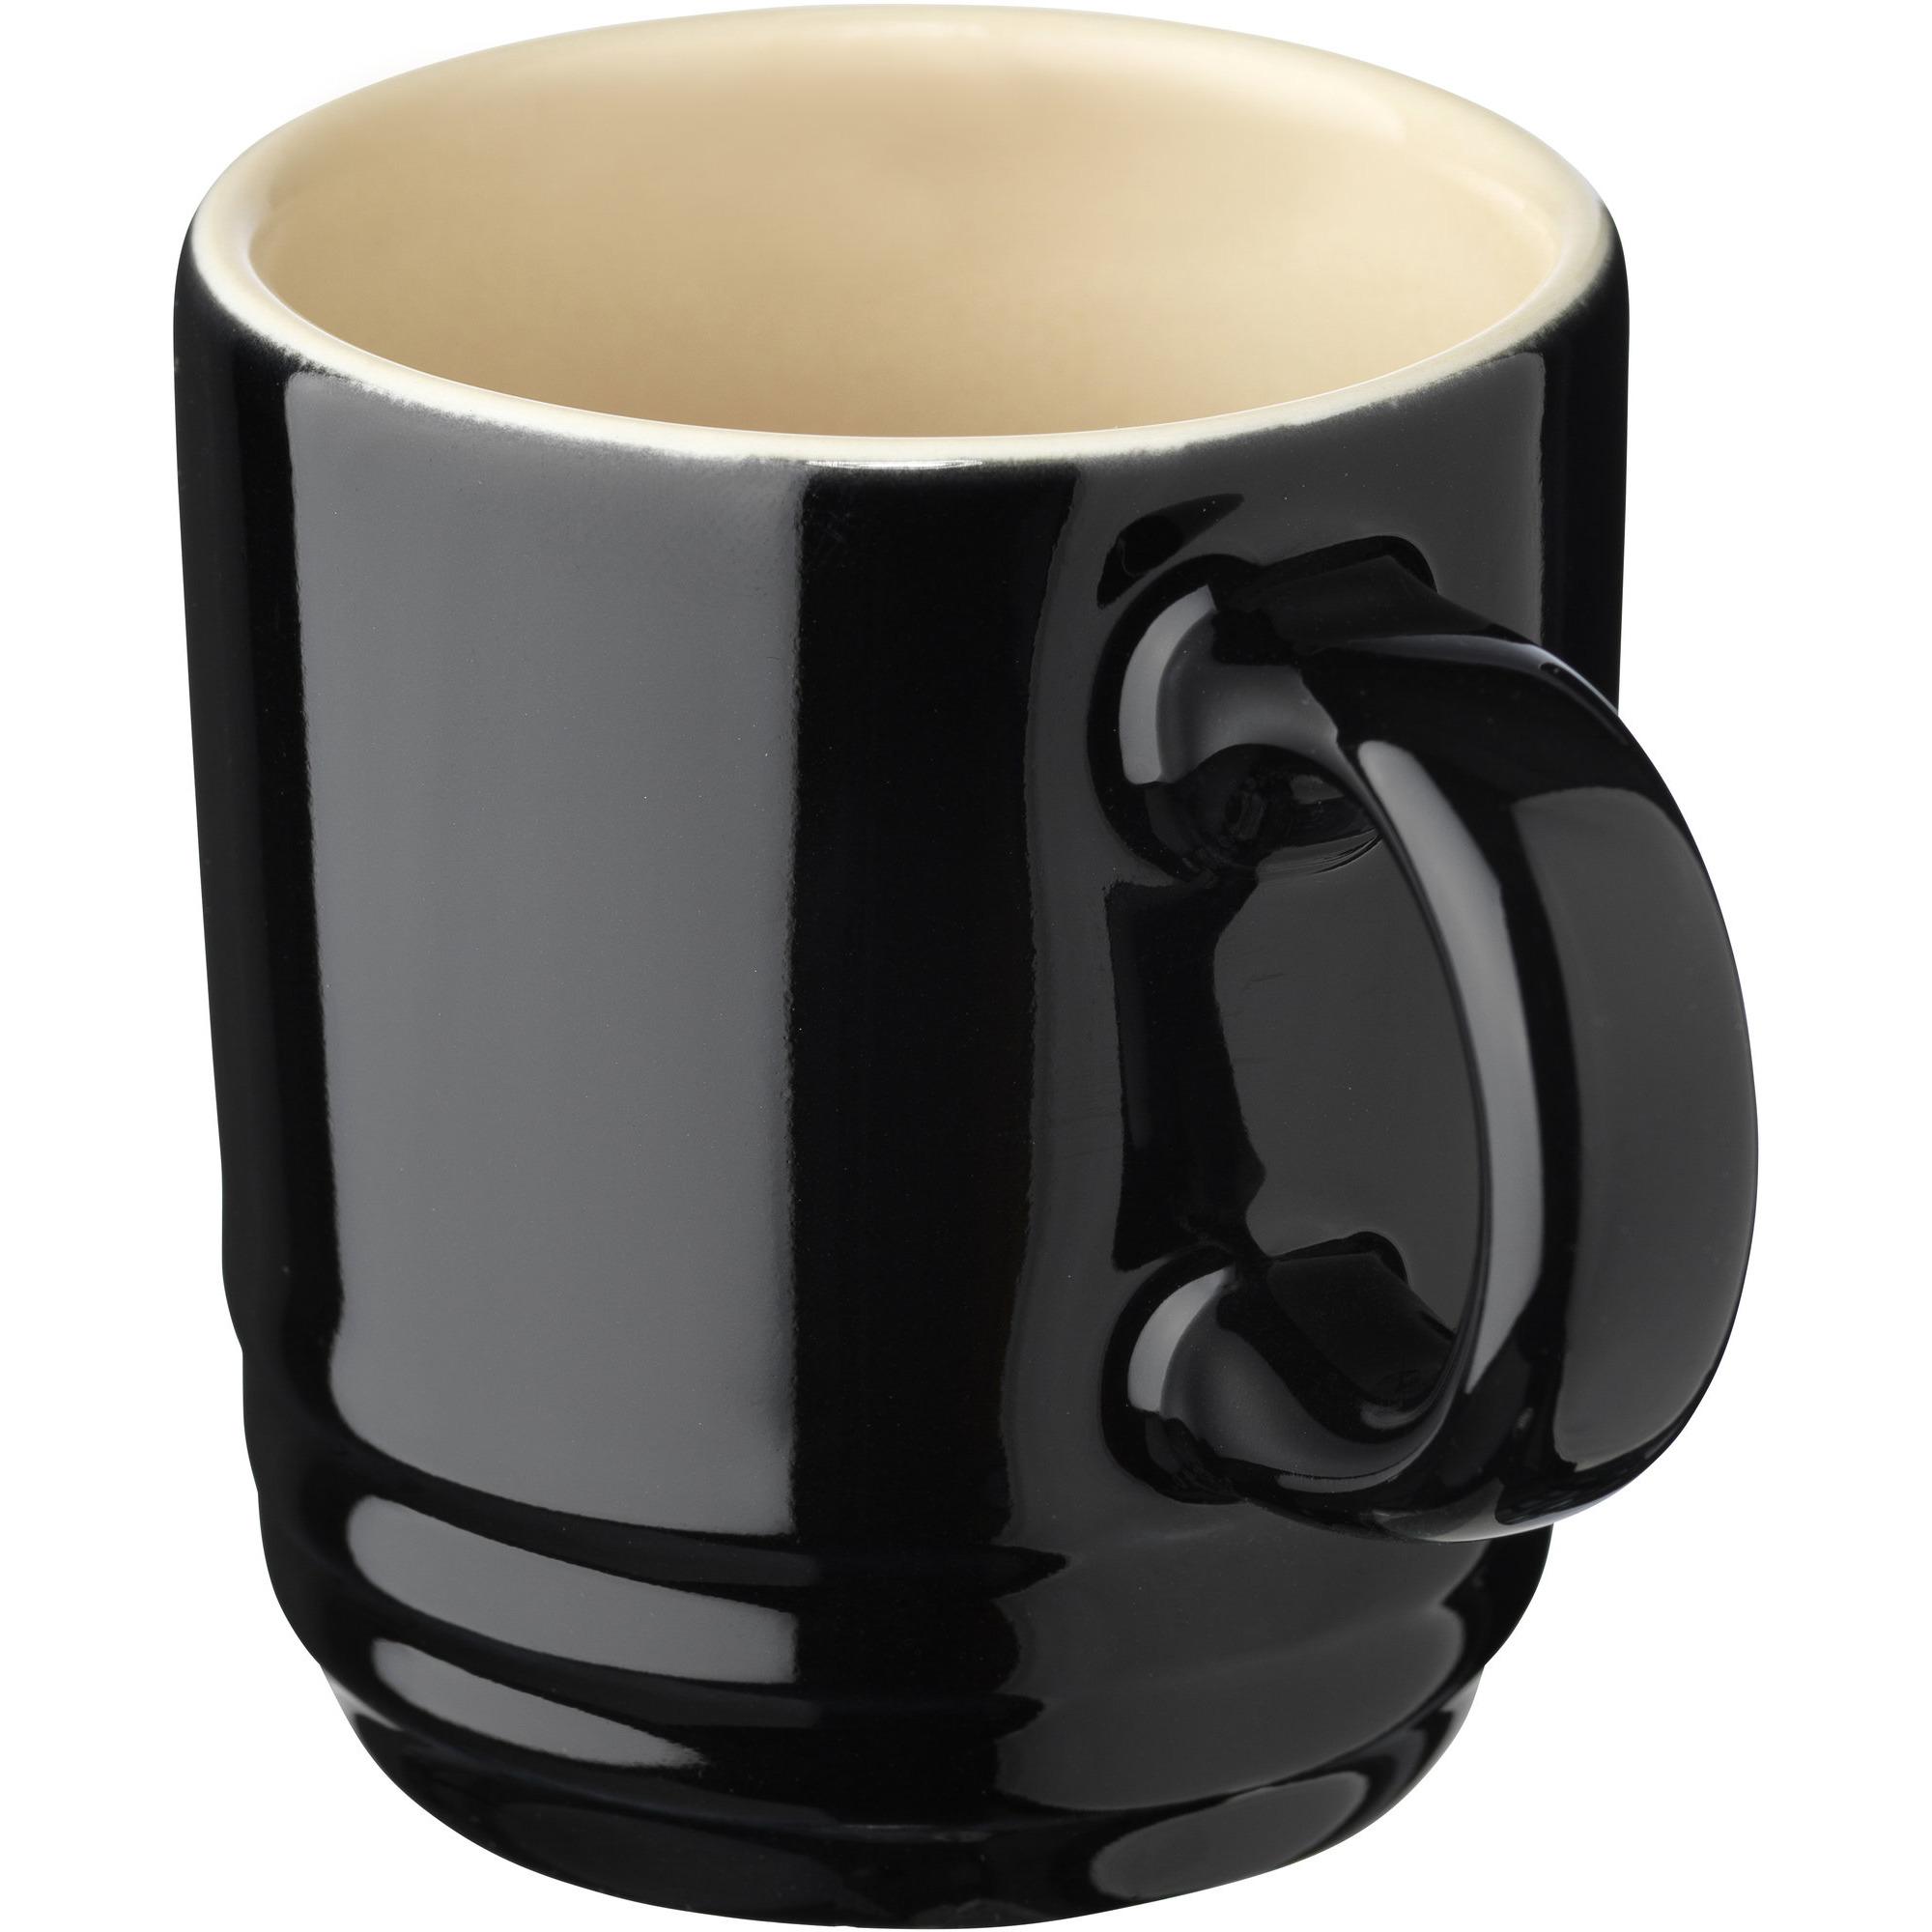 Le Creuset Espressokopp 70 ml Black